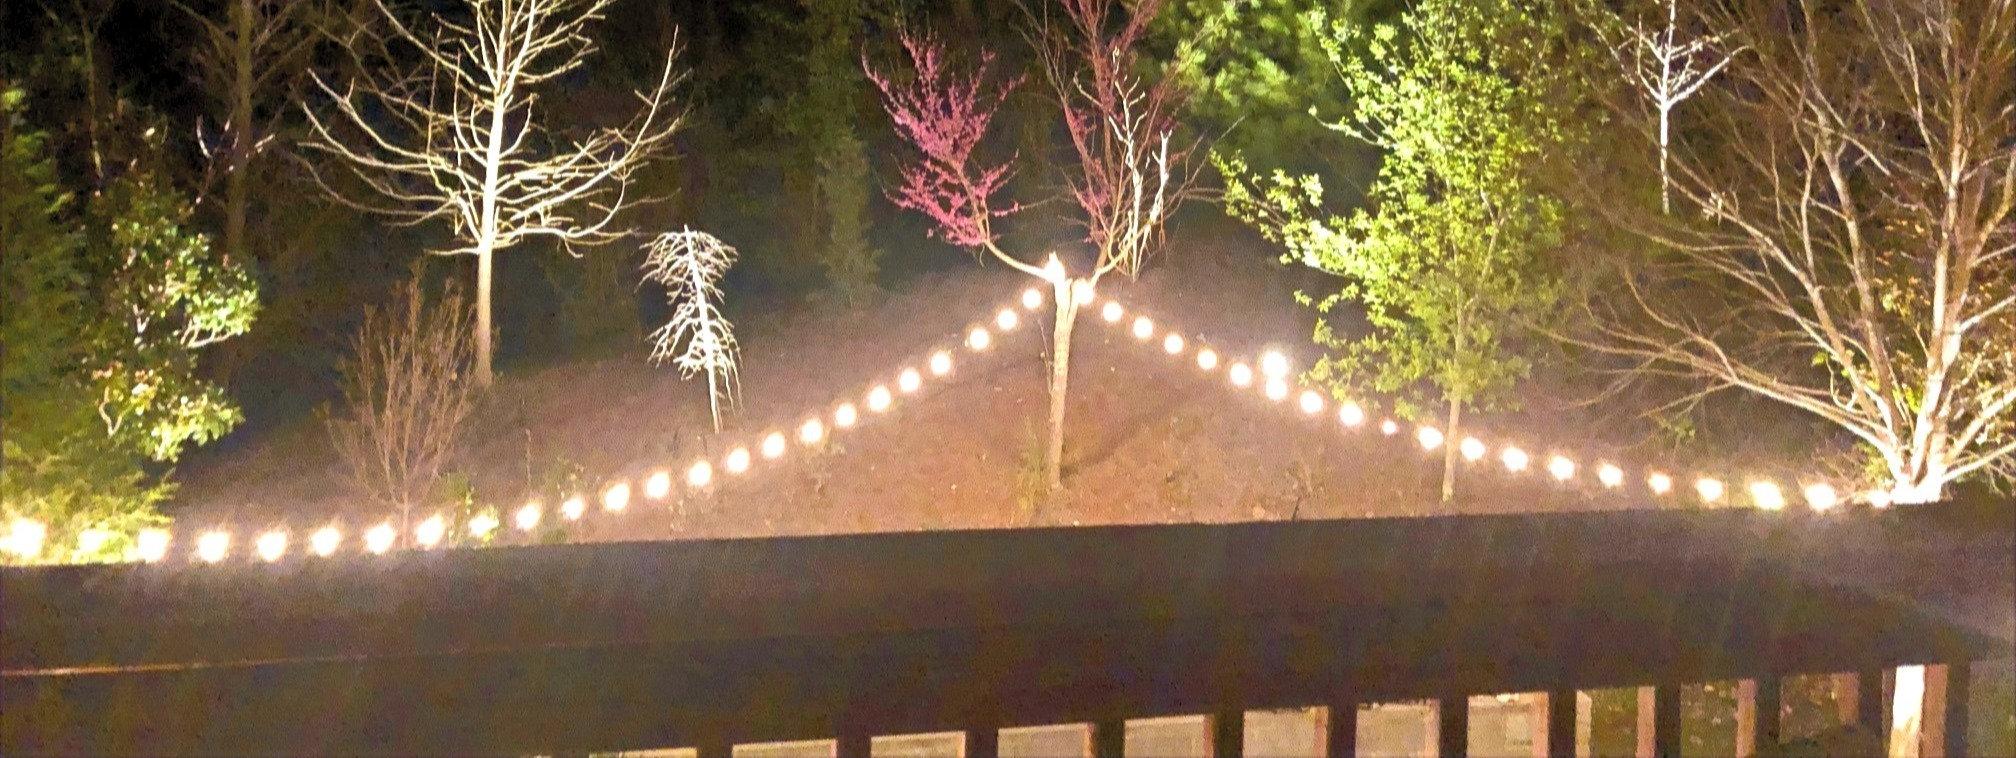 Outdoor Lighting - Garden